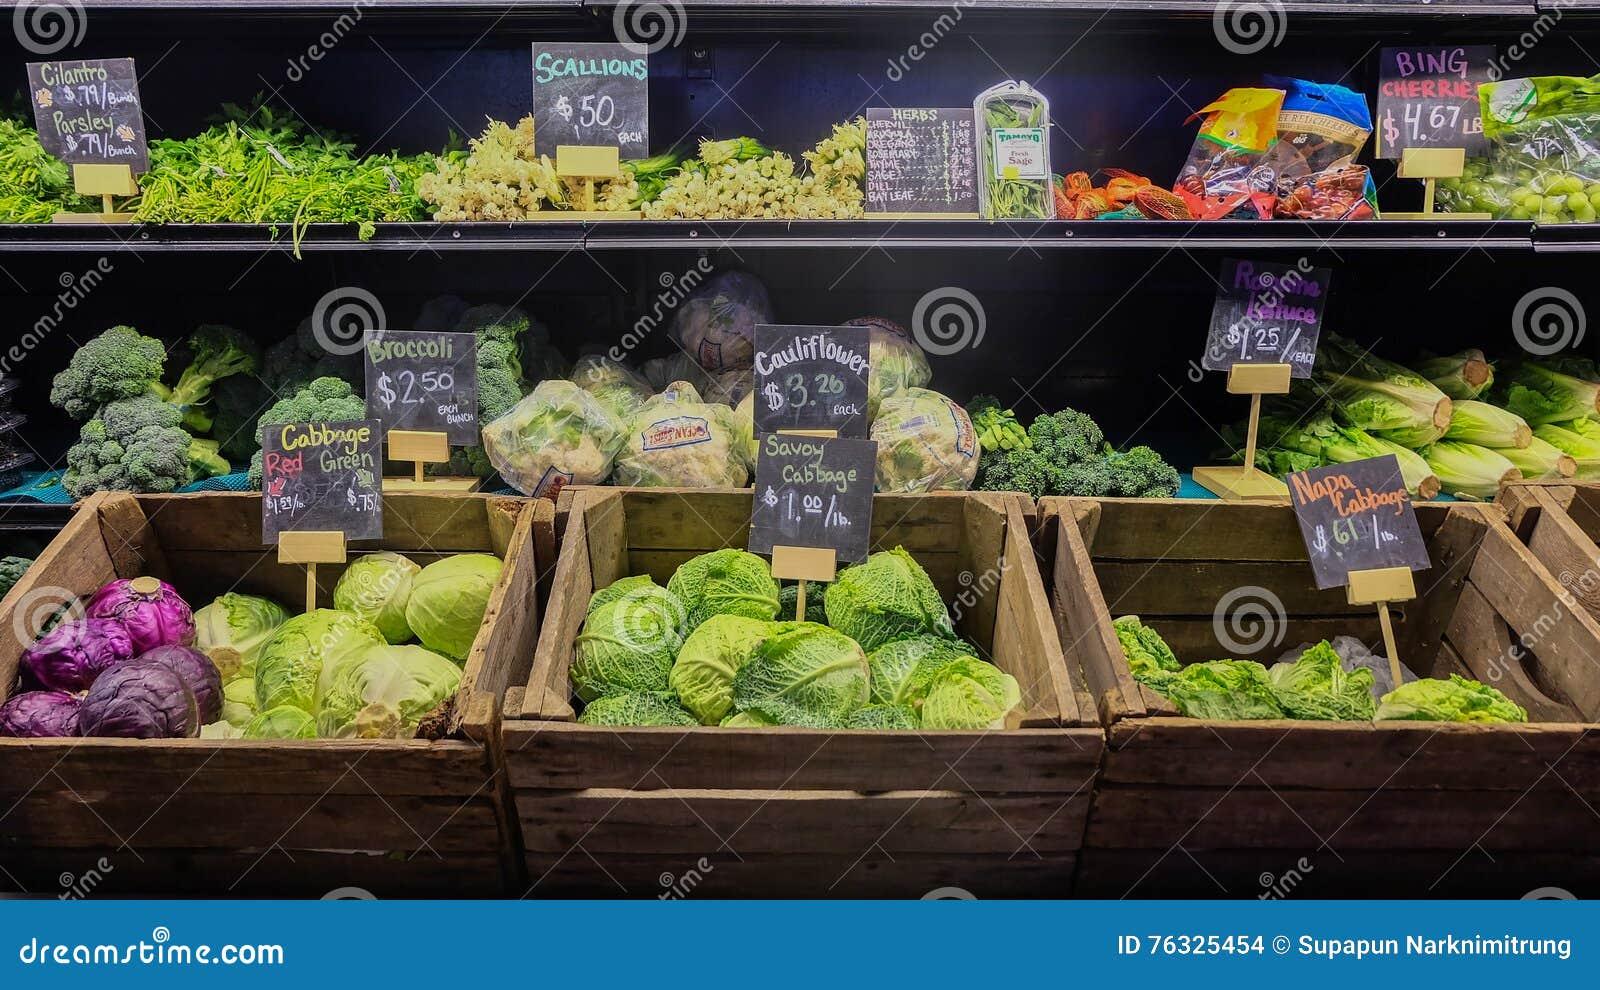 9 Αυγούστου 2016 - Λος Άντζελες, ΗΠΑ: Στάβλος φρέσκων λαχανικών greengrocery στη μεγάλη κεντρική αγορά, διάσημη θέση τροφίμων στο